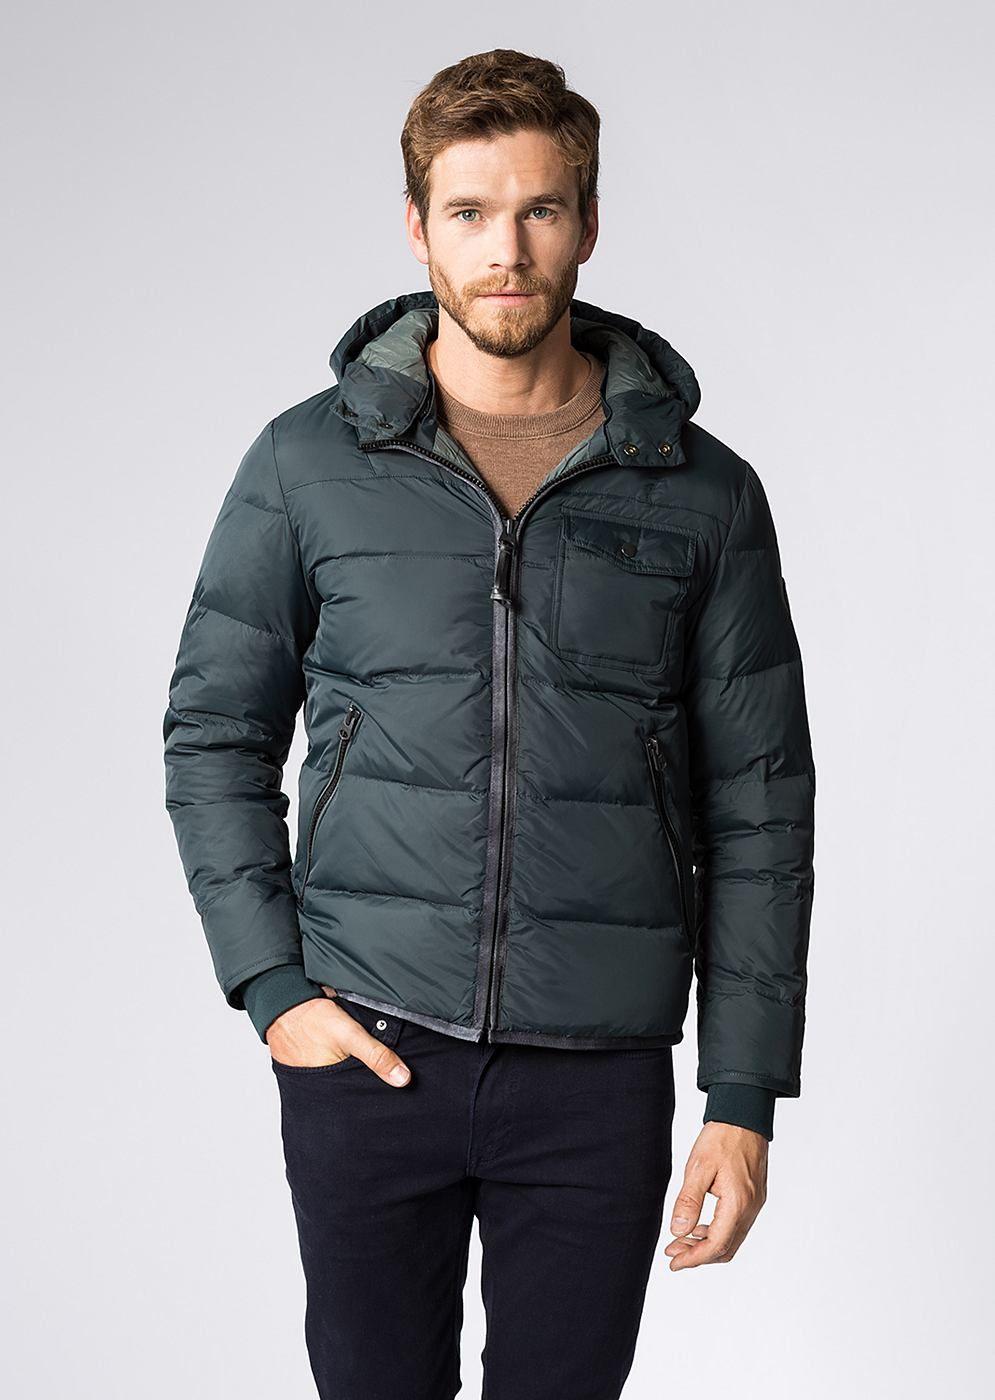 Mit abnehmbarer Kapuze sportiv gestaltet und mit Daunen gefüttert, kann Ihnen der Winter mit dieser voluminösen Blouson-Jacke nichts mehr anhaben. Zwei seitliche Leistentaschen und die aufgesetzte Brusttasche runden das Konzept gekonnt ab. Aus 100% Polyamid....